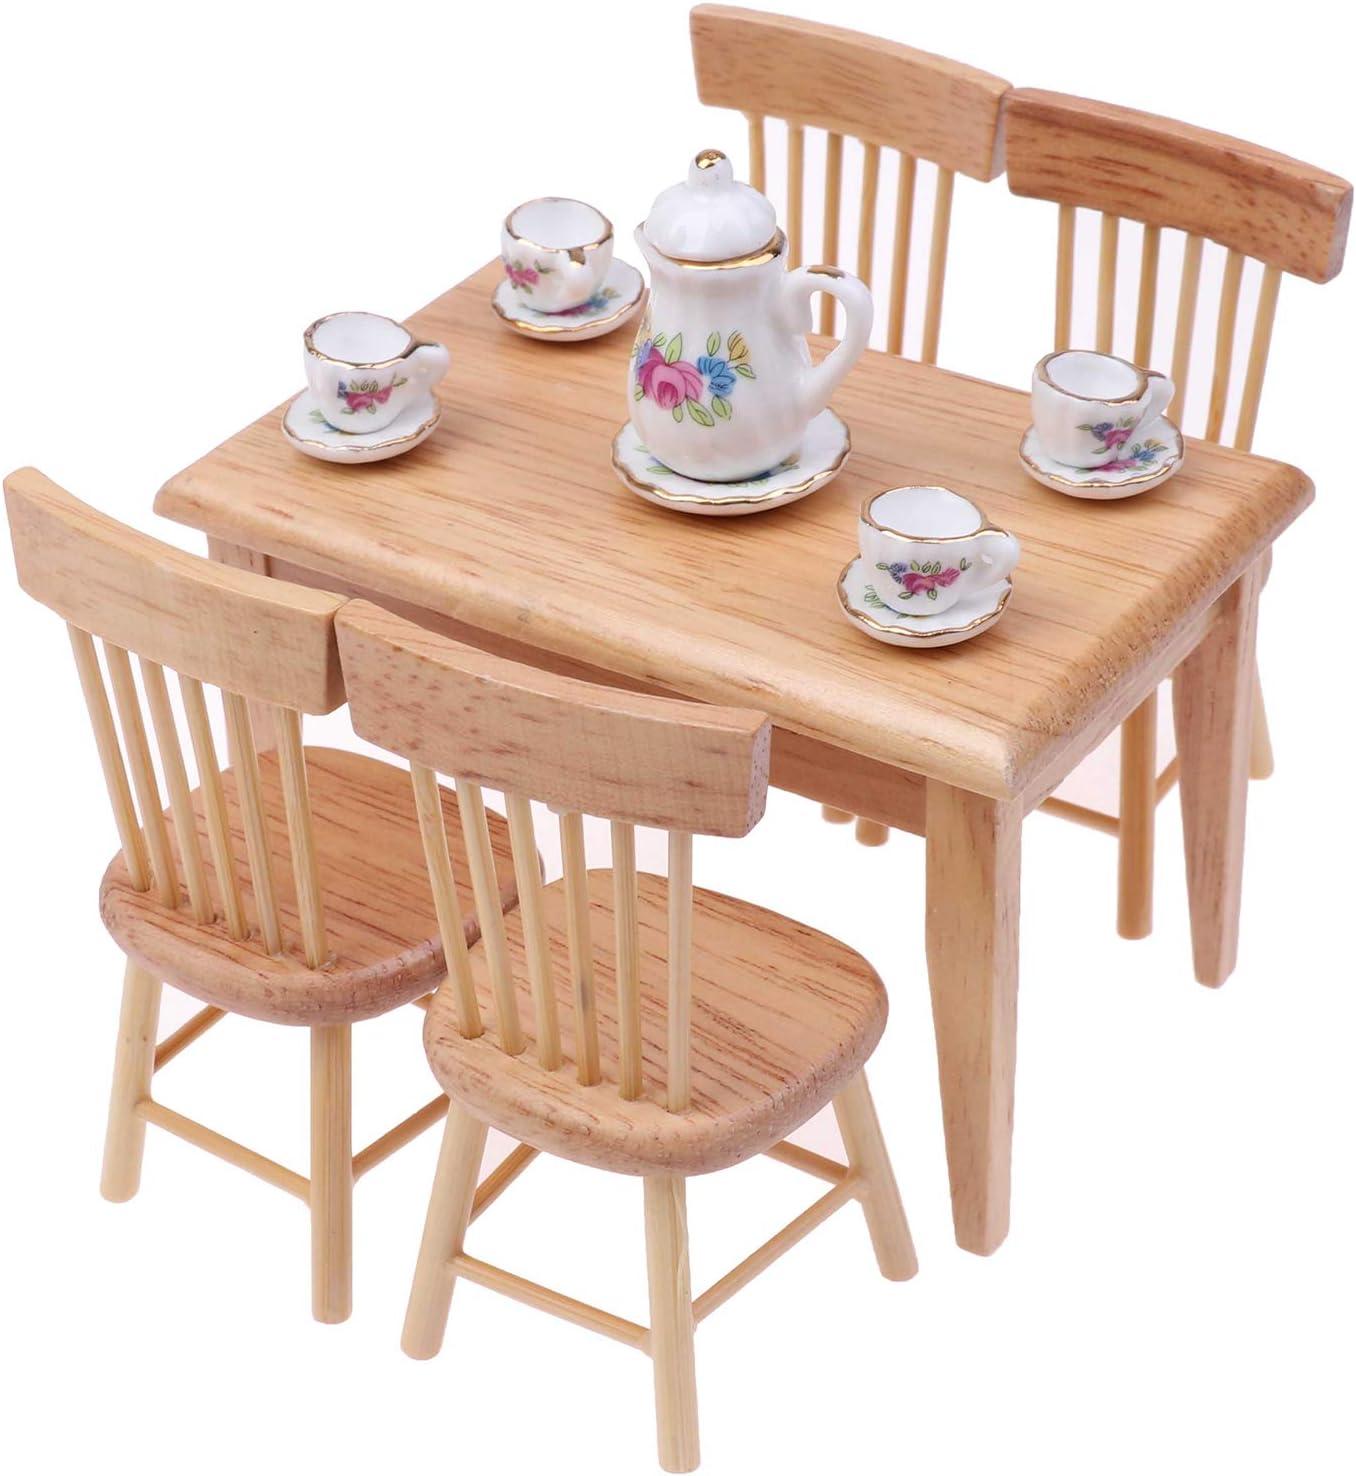 Dolls House Dining Rooms Mini Wooden Furniture Set Porcelain Tea Set 1//12